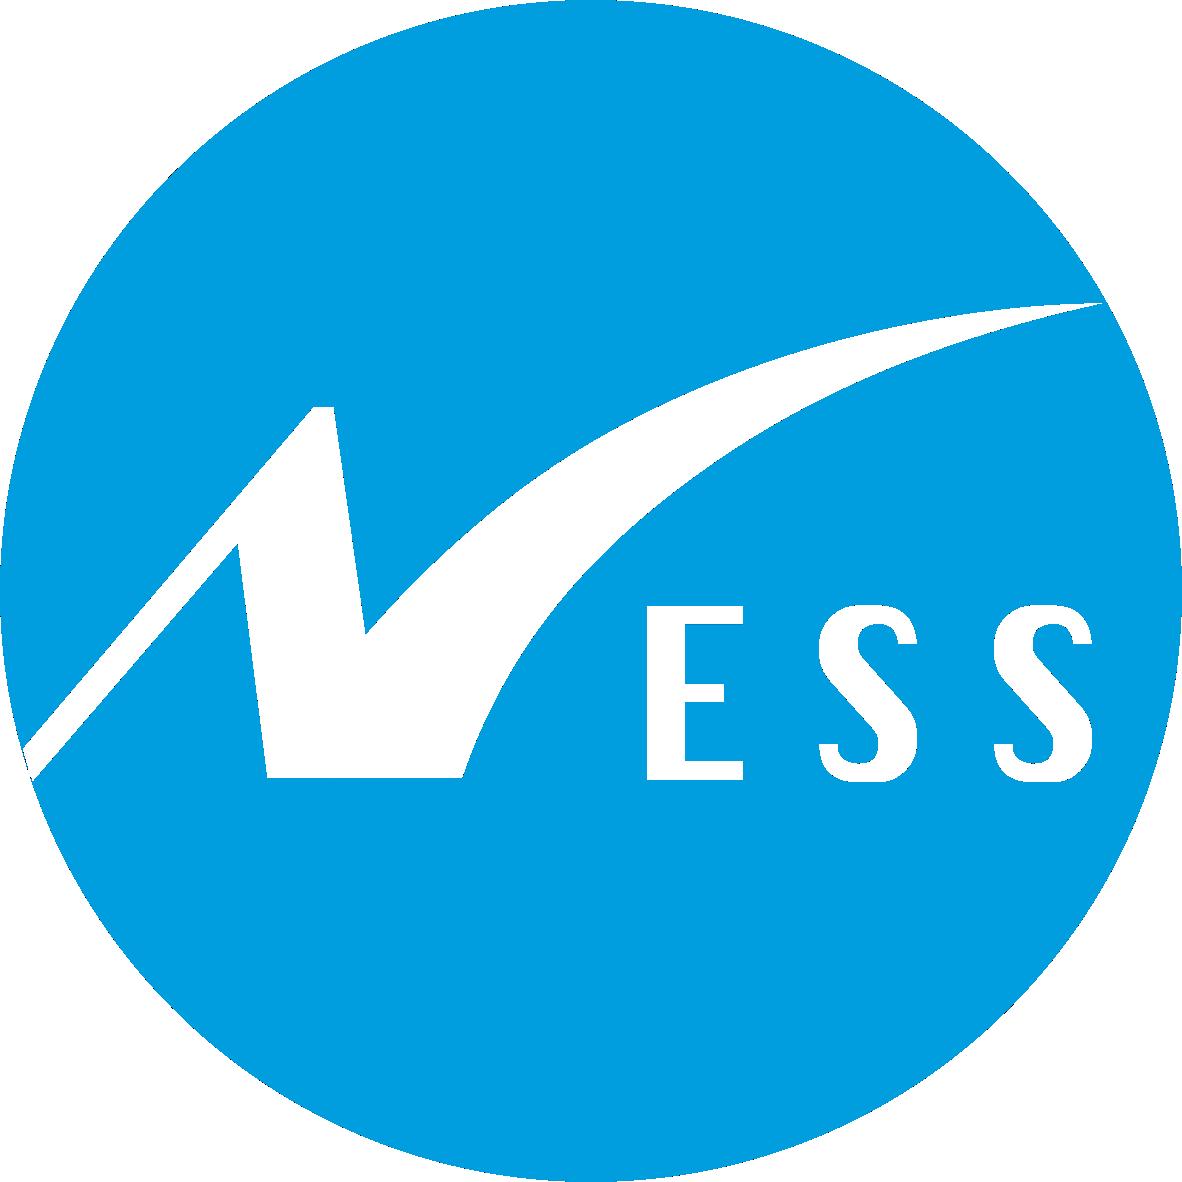 Ness, Digital Engineering, Linium